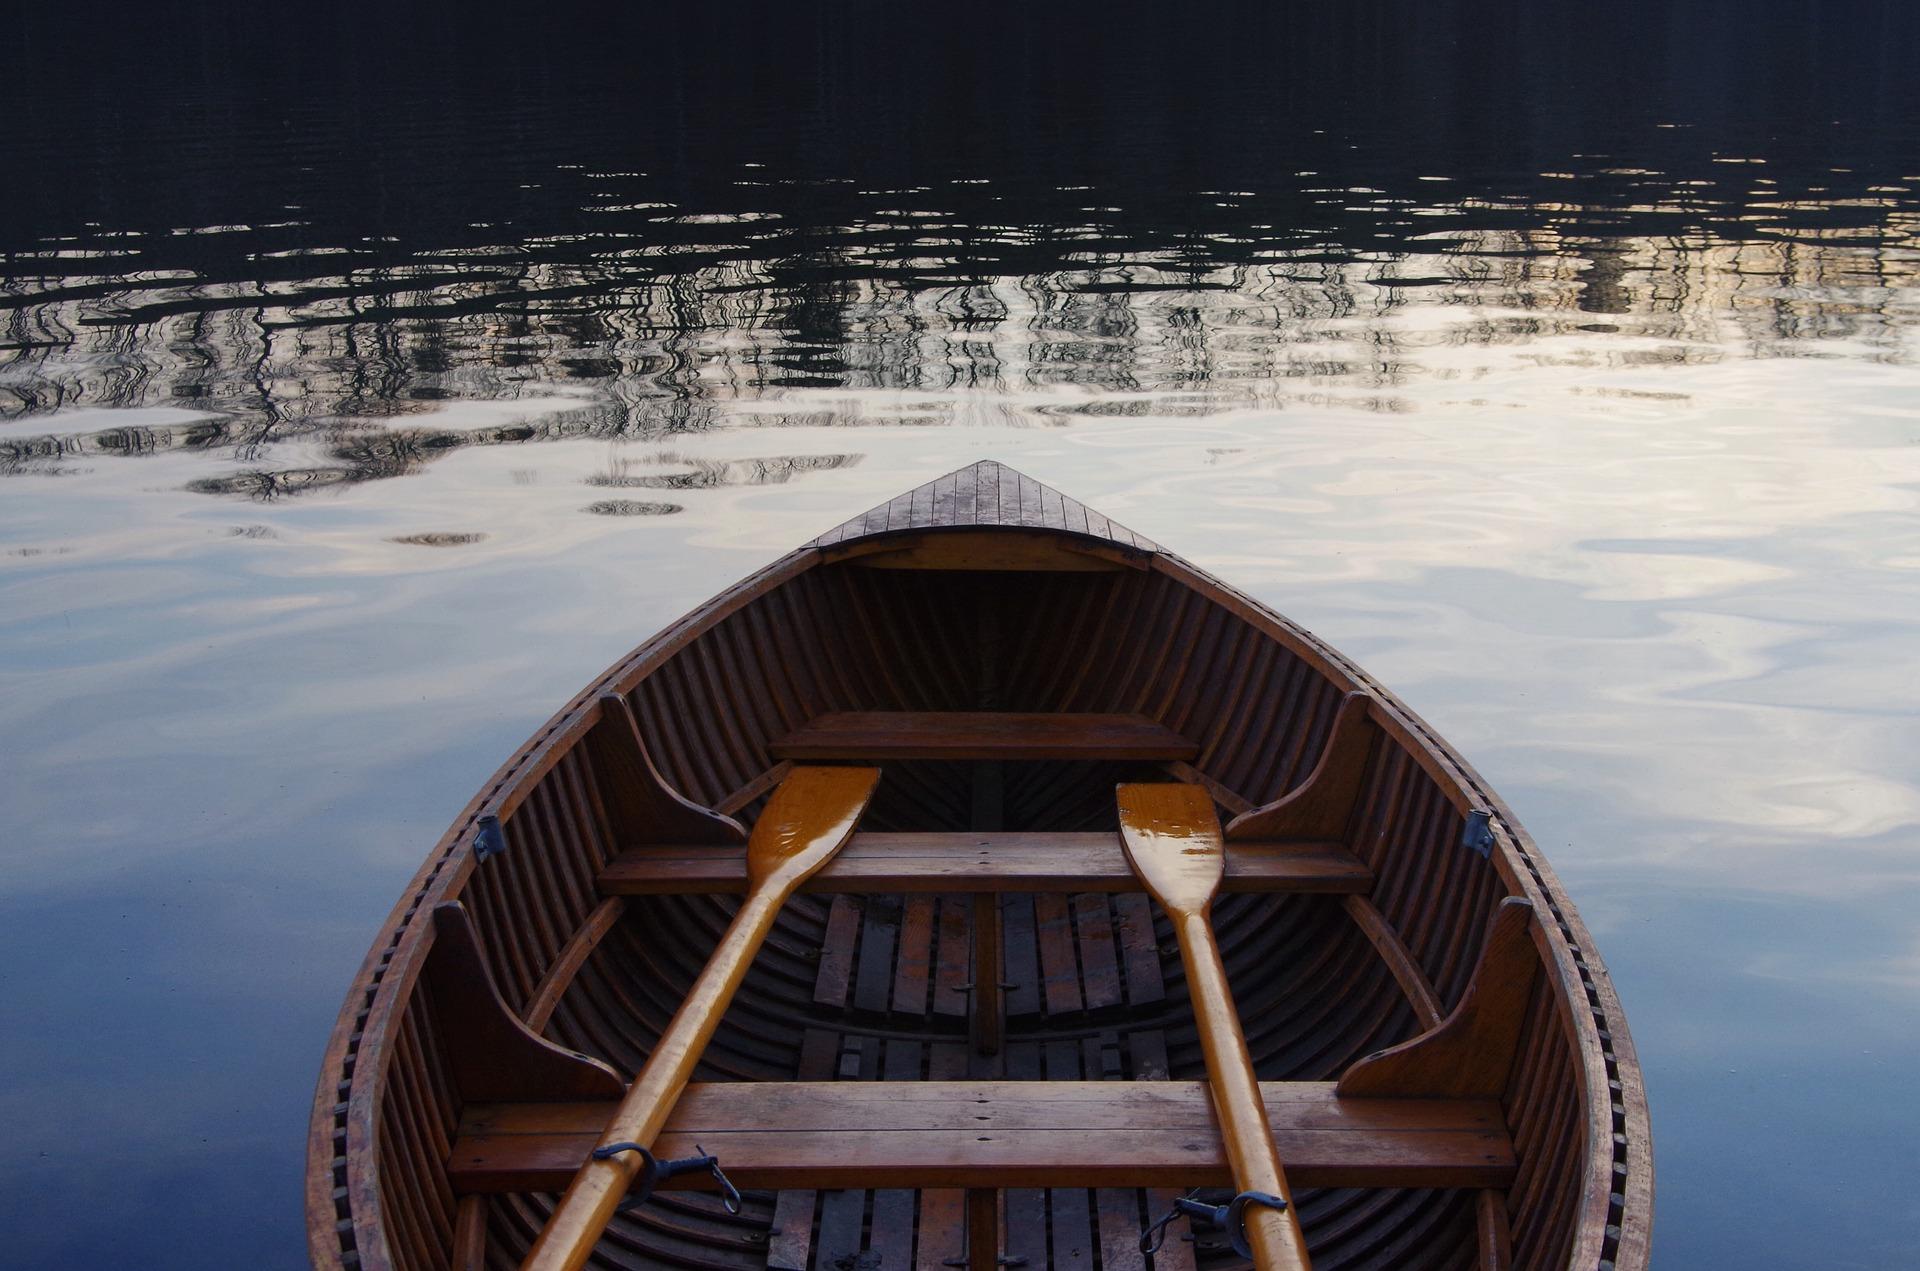 boat-731485_1920